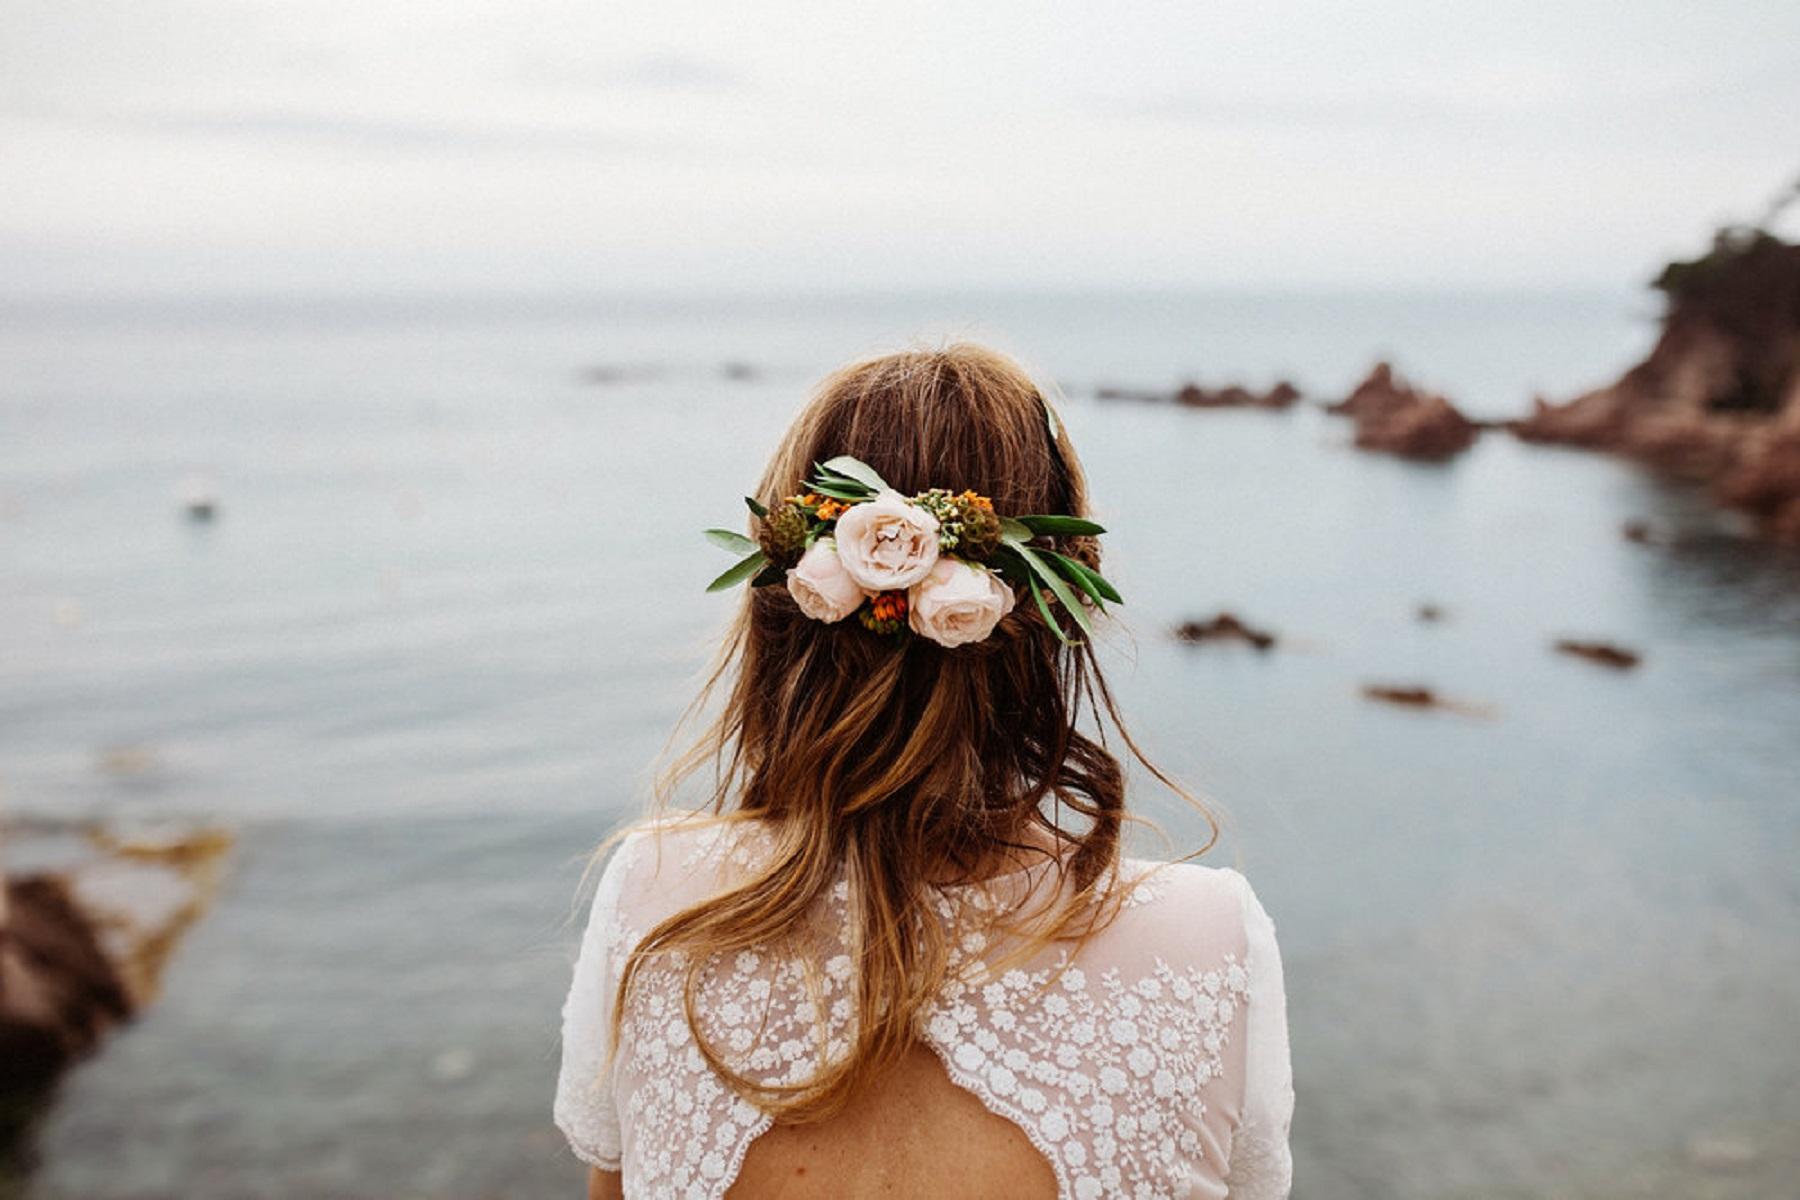 flores boda floristeria barcelona alblanc ramo